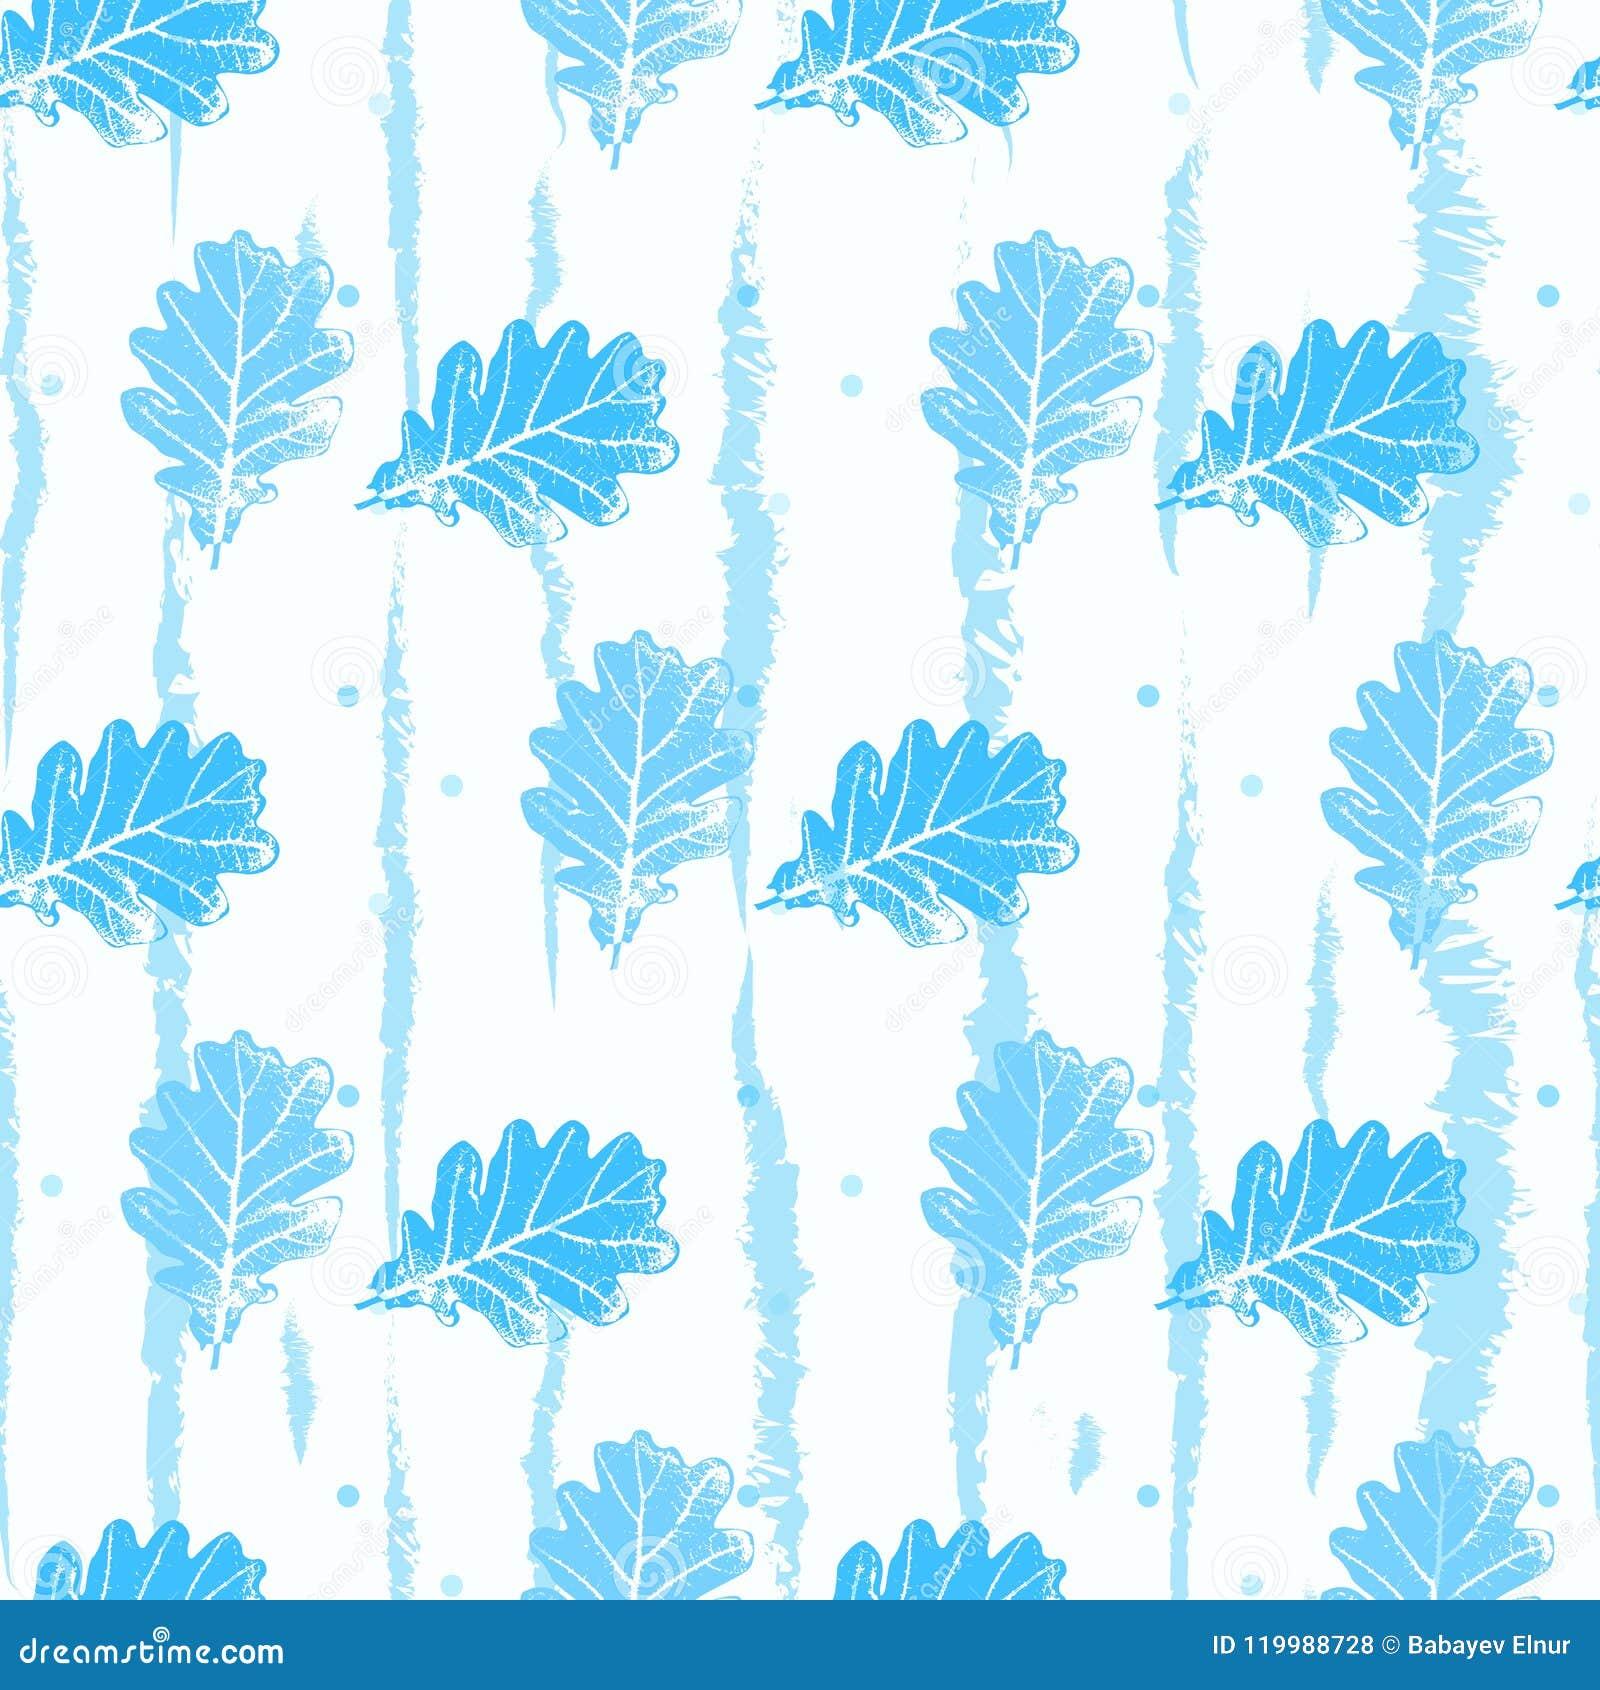 Teste padrão sem emenda com luz laçado do contorno - o azul deixa árvores em um fundo branco